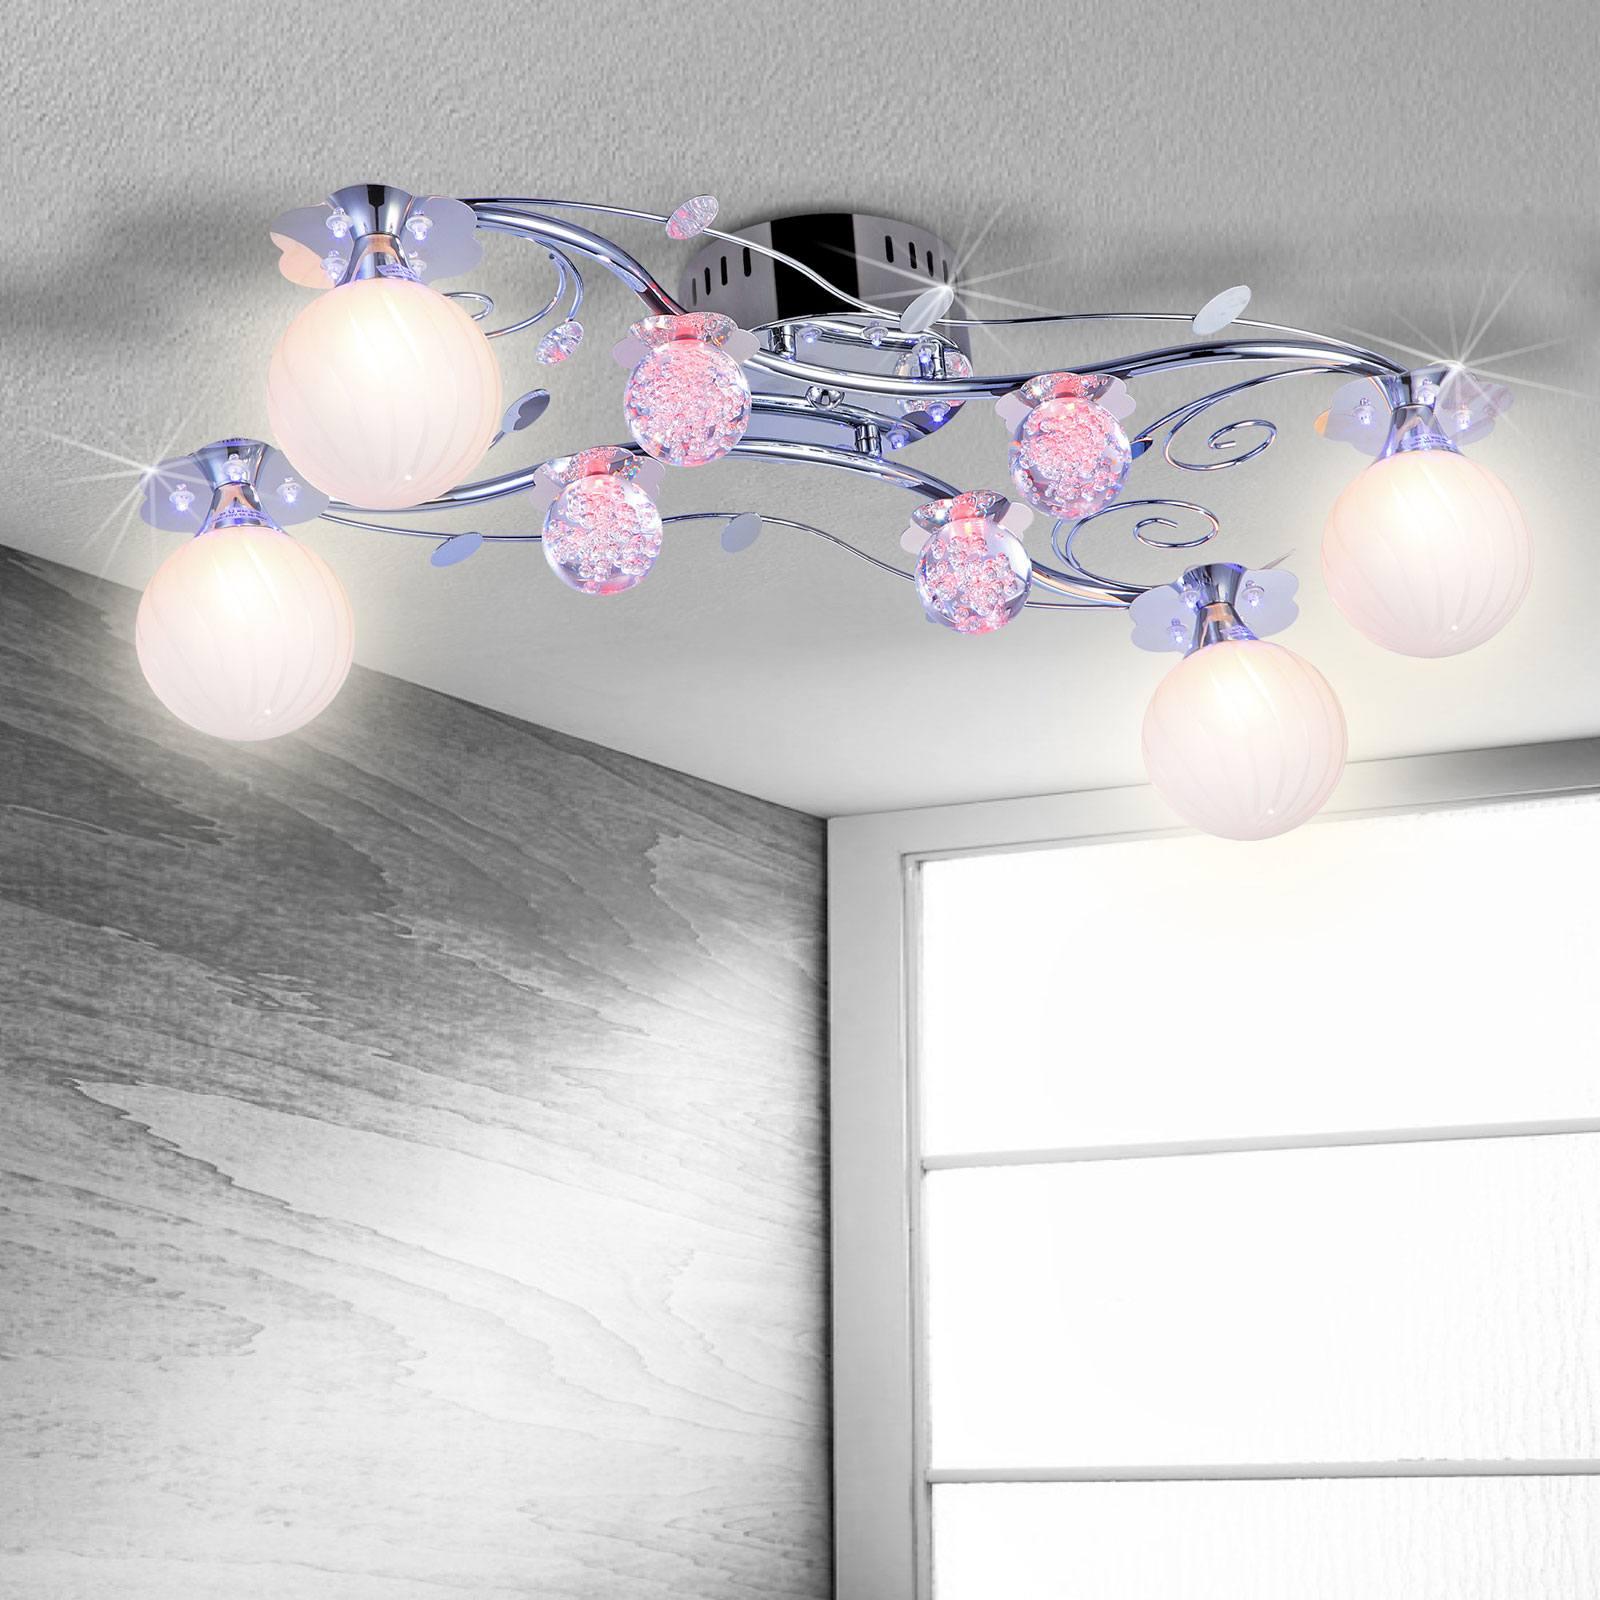 Full Size of Lampe Schlafzimmer Dimmbar Ikea Deckenlampen Design Pinterest Holz Deckenleuchte Deckenlampe Skandinavisch Led 4 Flammig Wohnzimmer Mit Landhausstil Modern Schlafzimmer Deckenlampe Schlafzimmer